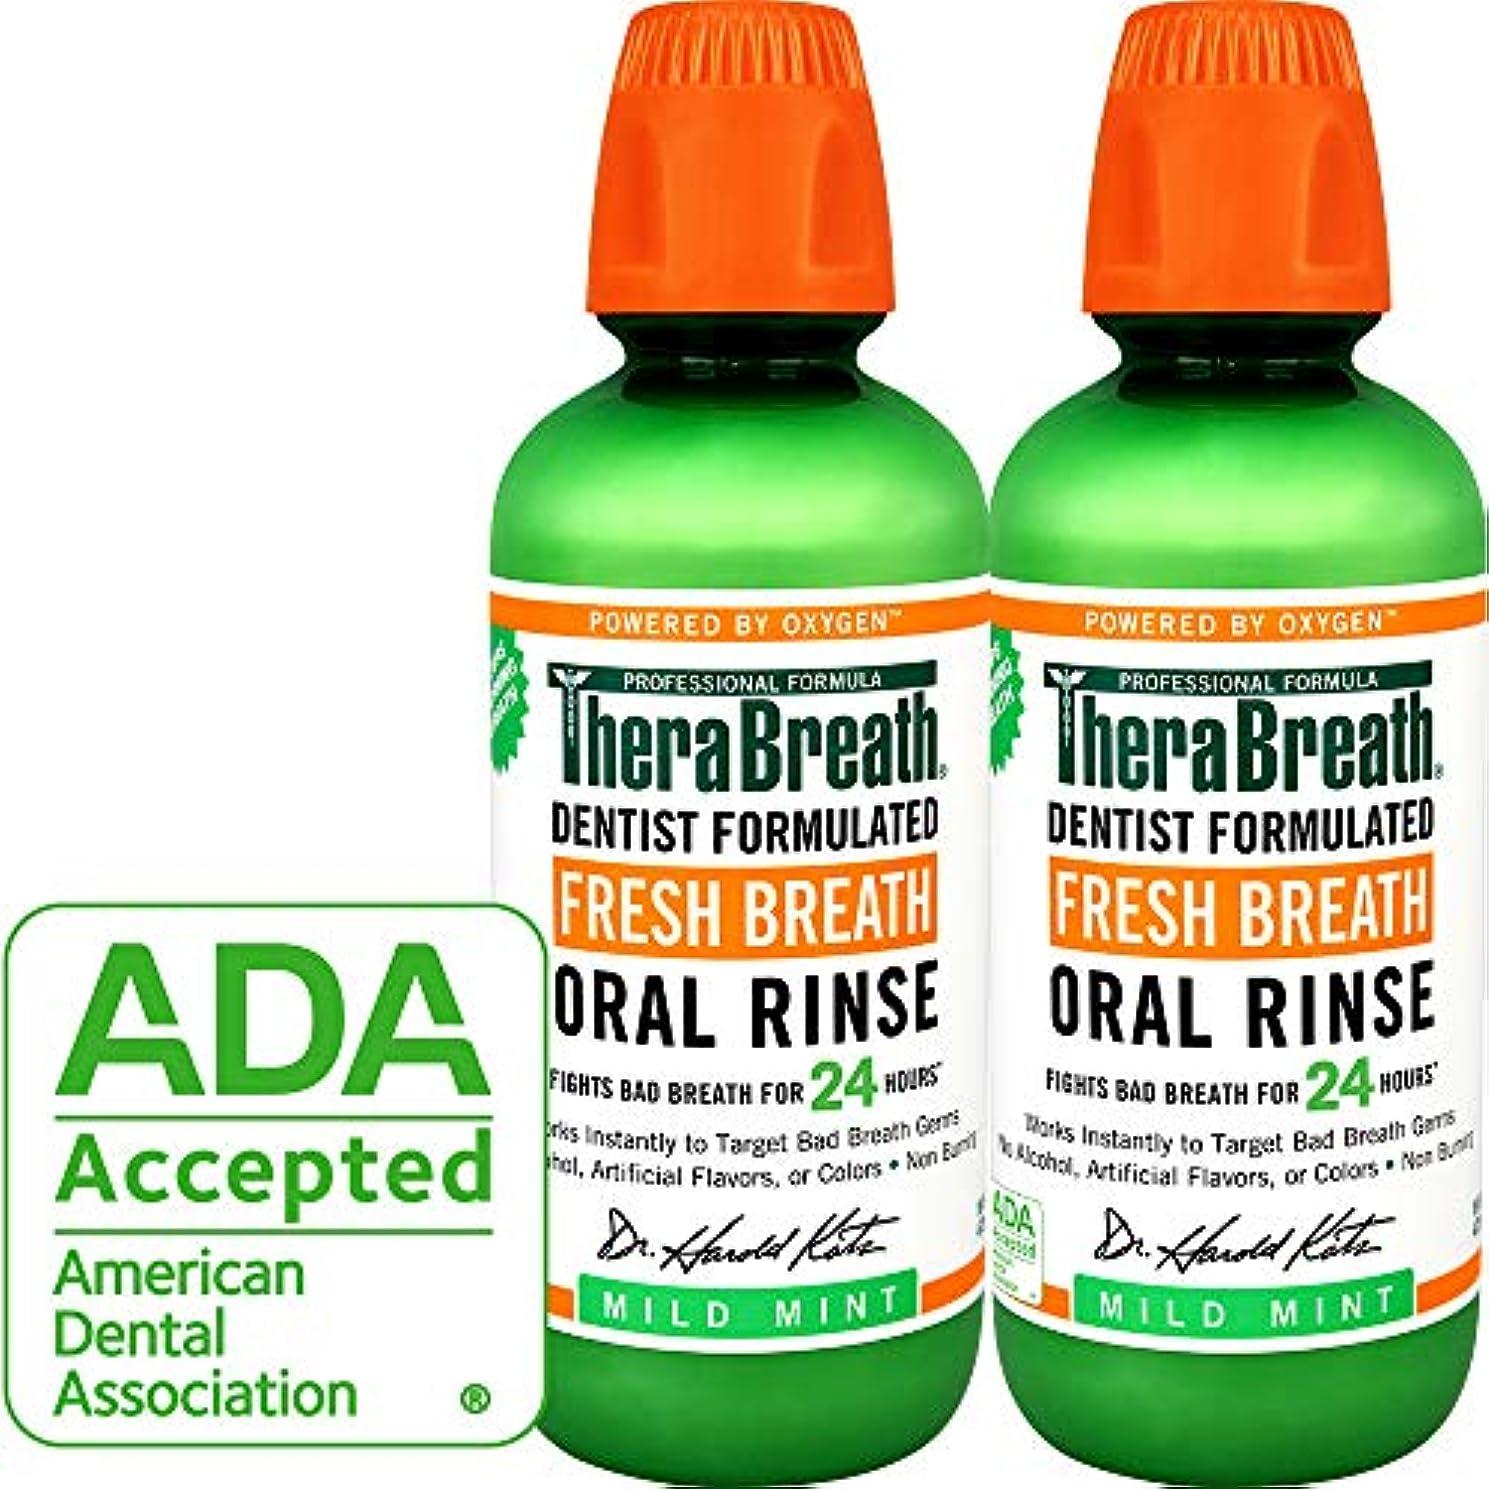 効率的圧縮された場所【お得な2本セット【セラブレス フレッシュブレス オーラルリンス マイルドミント 473ml/16オンス 並行輸入品 Therabreath Fresh Breath Oral Rinse Mild Mint, 16 oz × 2 Bottles